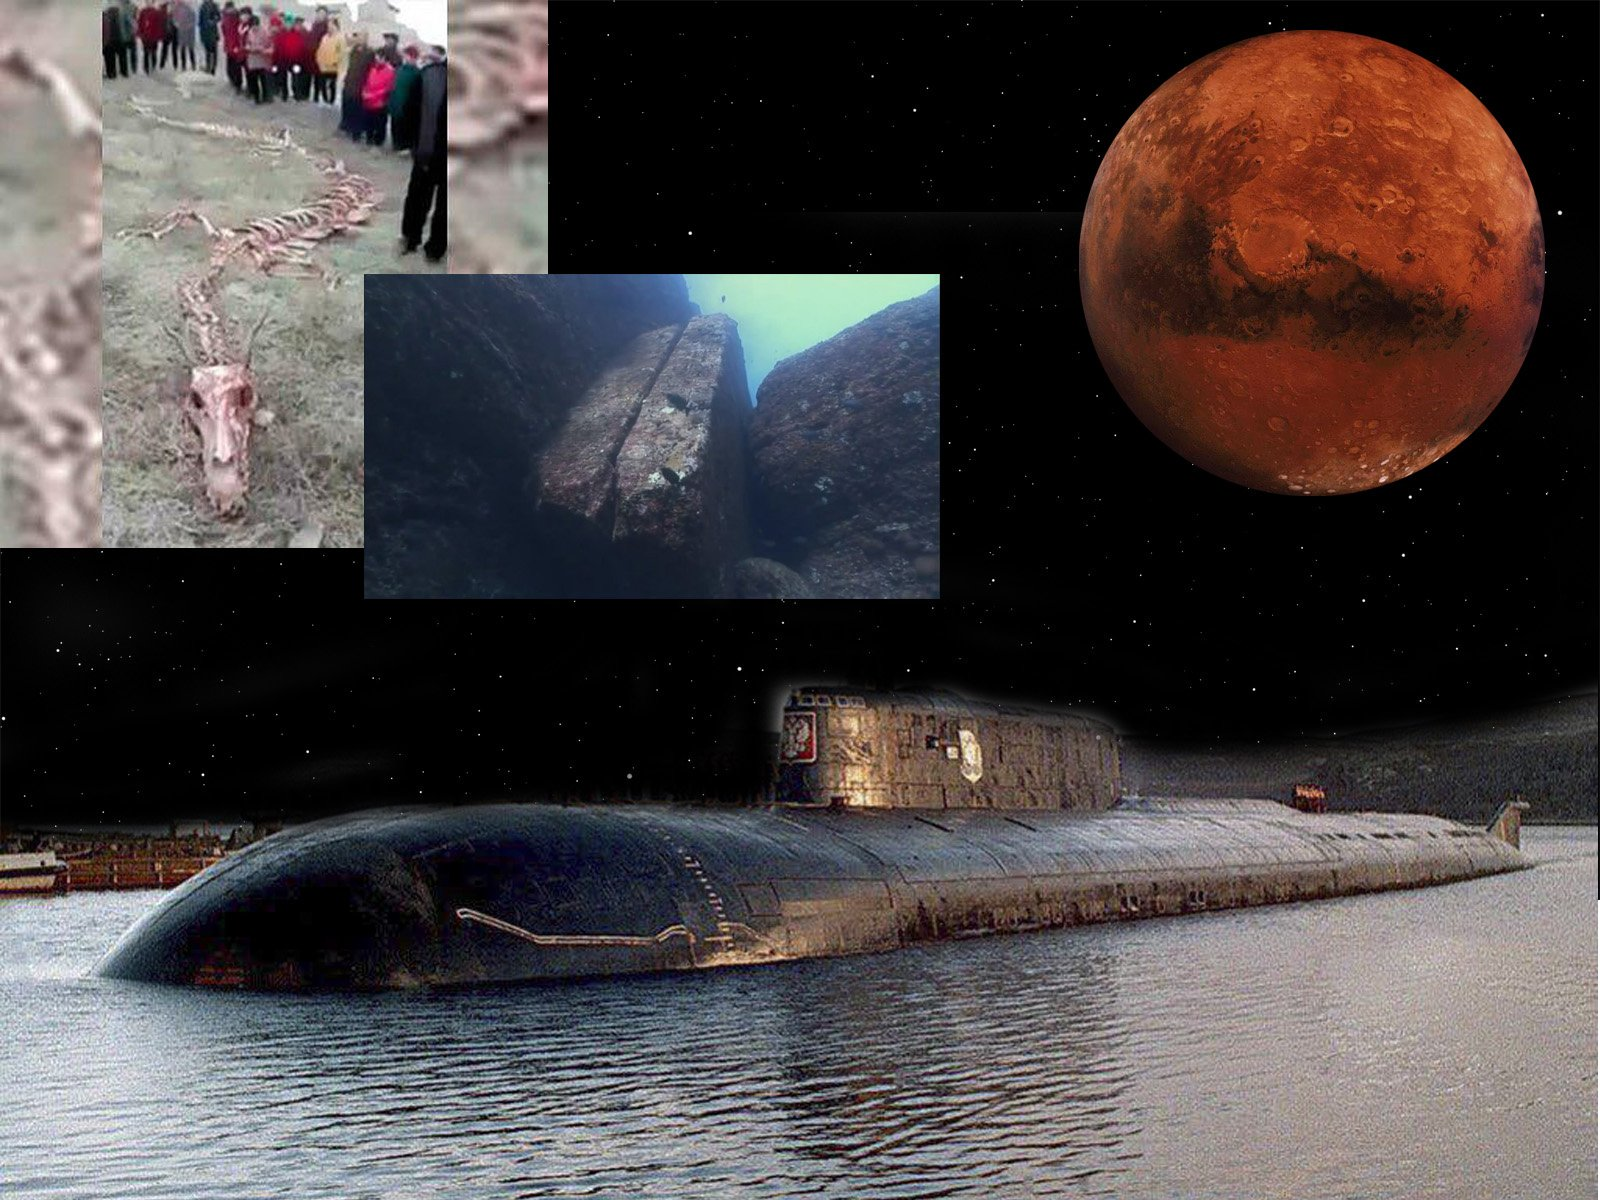 Субмарину ʺКурскʺ погубили база марсиан и дракон: всплыли ошеломляющие подробности